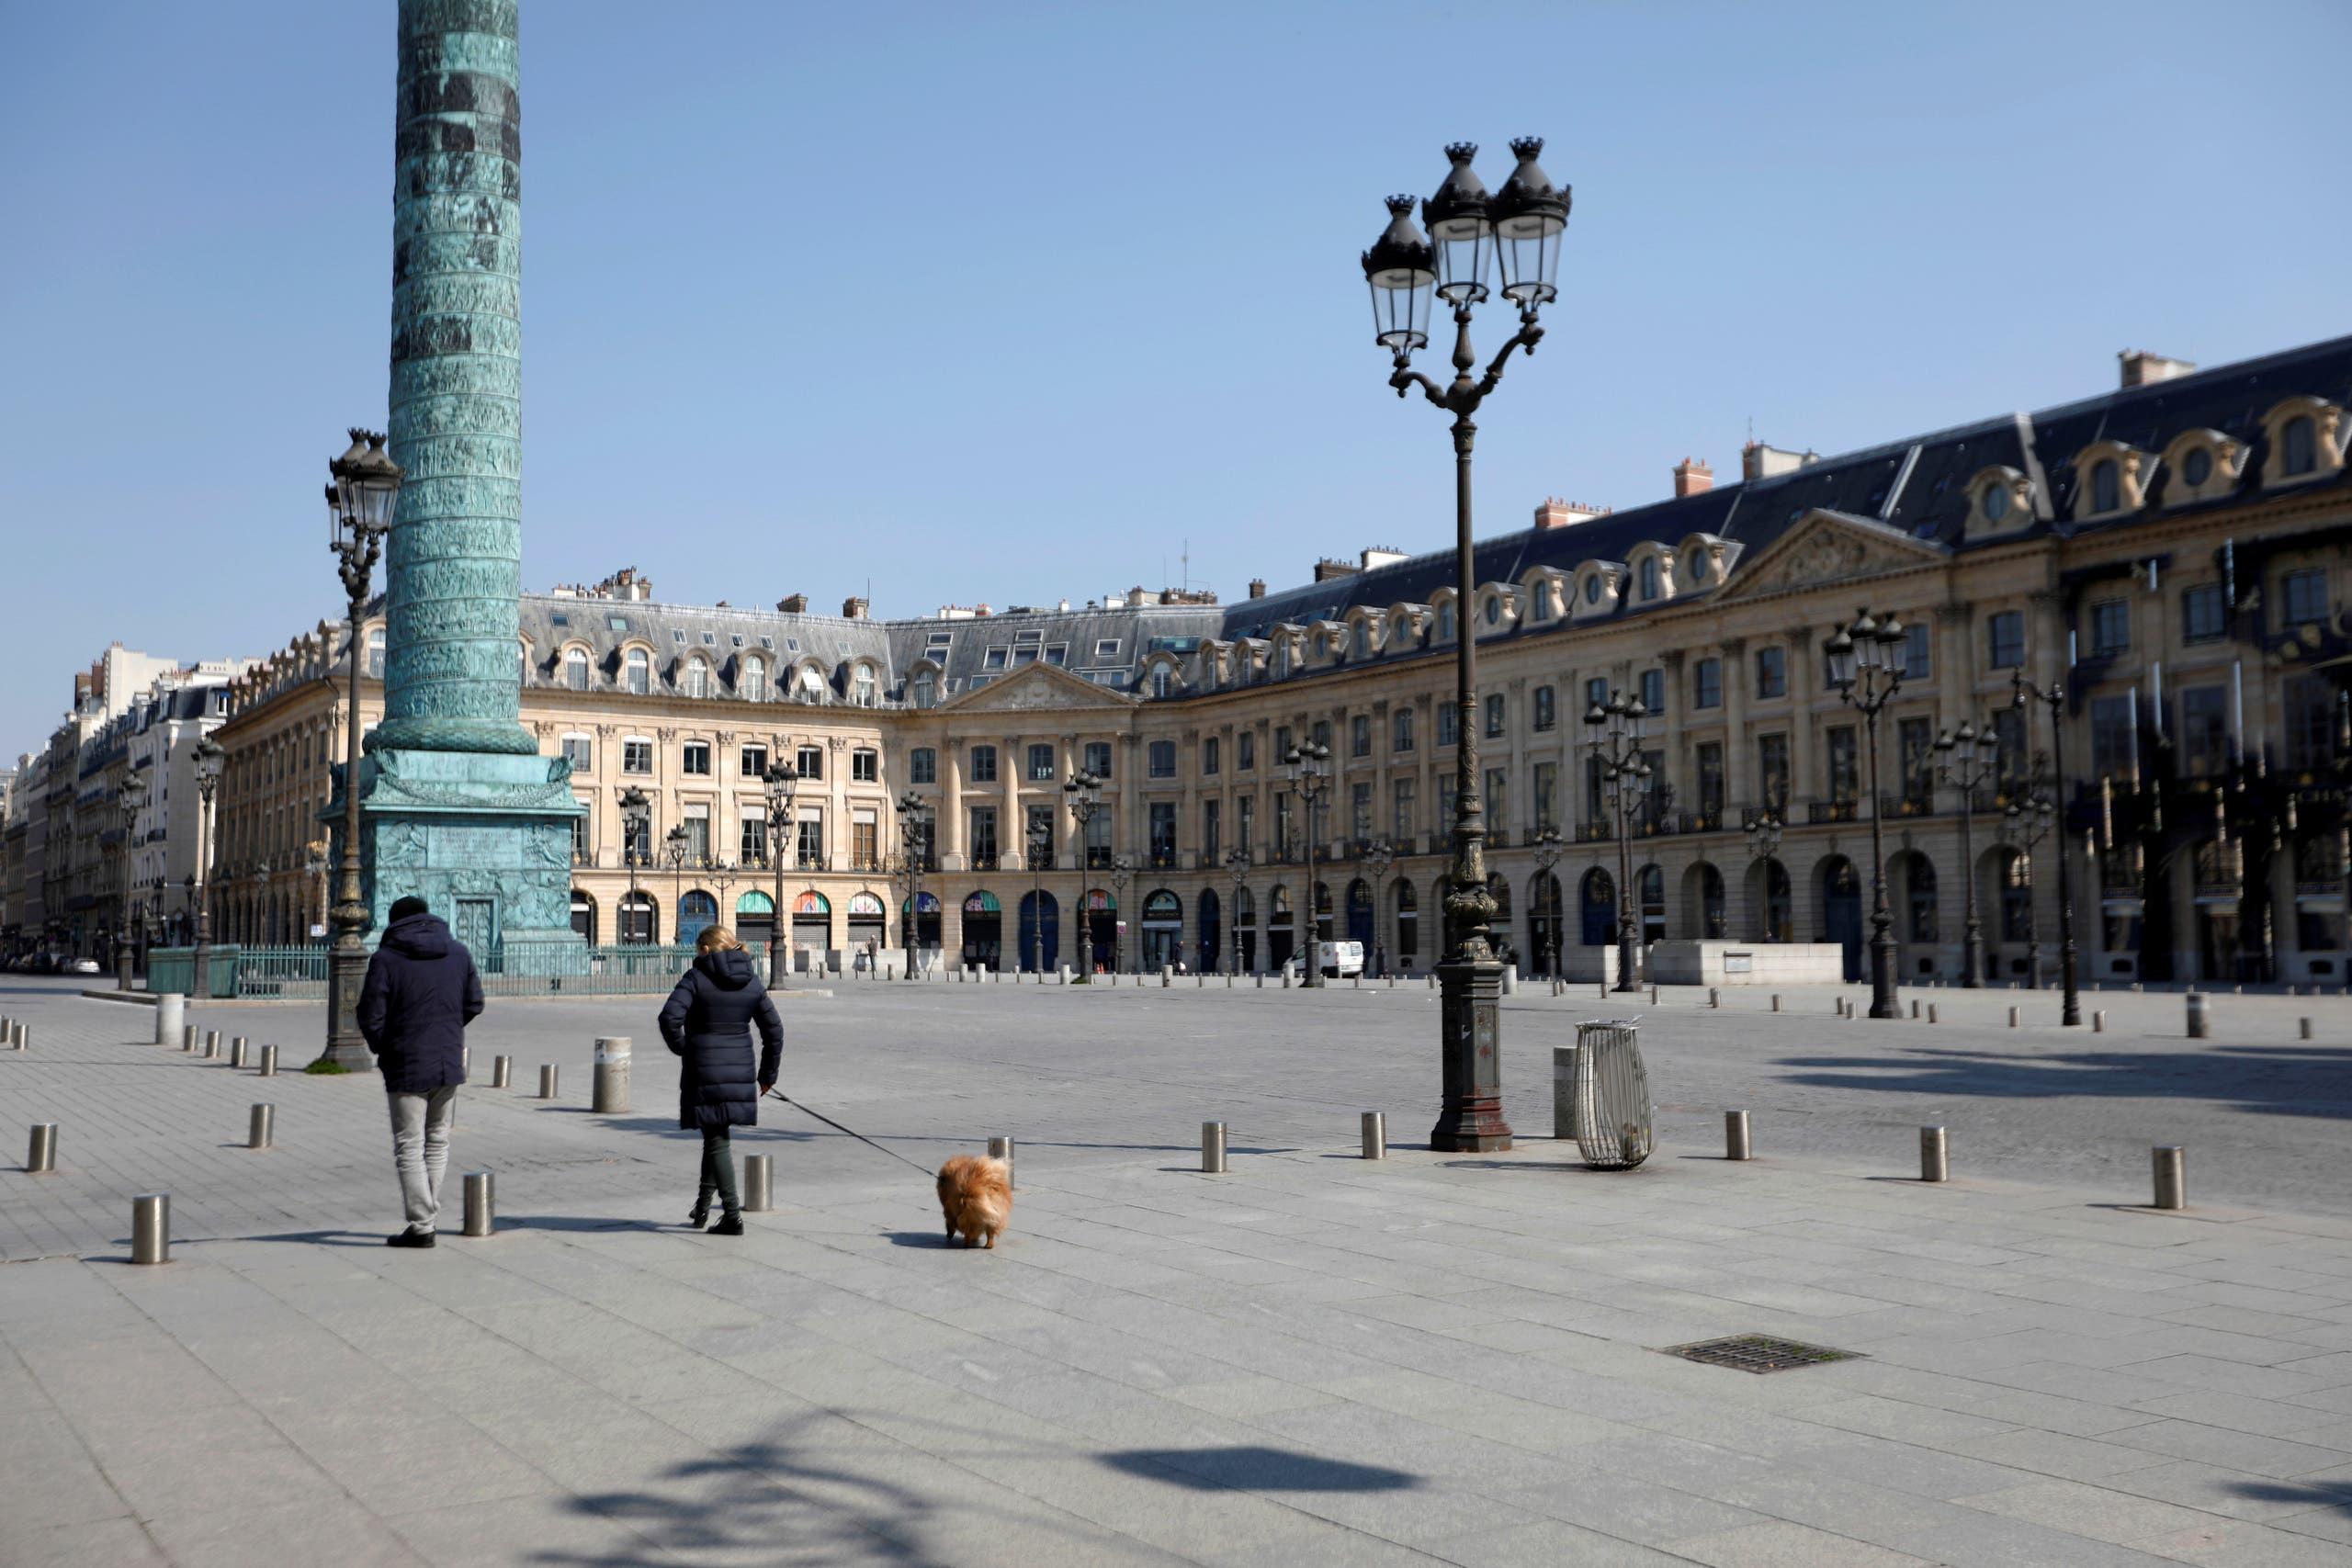 ساحة فاندومن في باريس خالية من المارة بسبب العزل